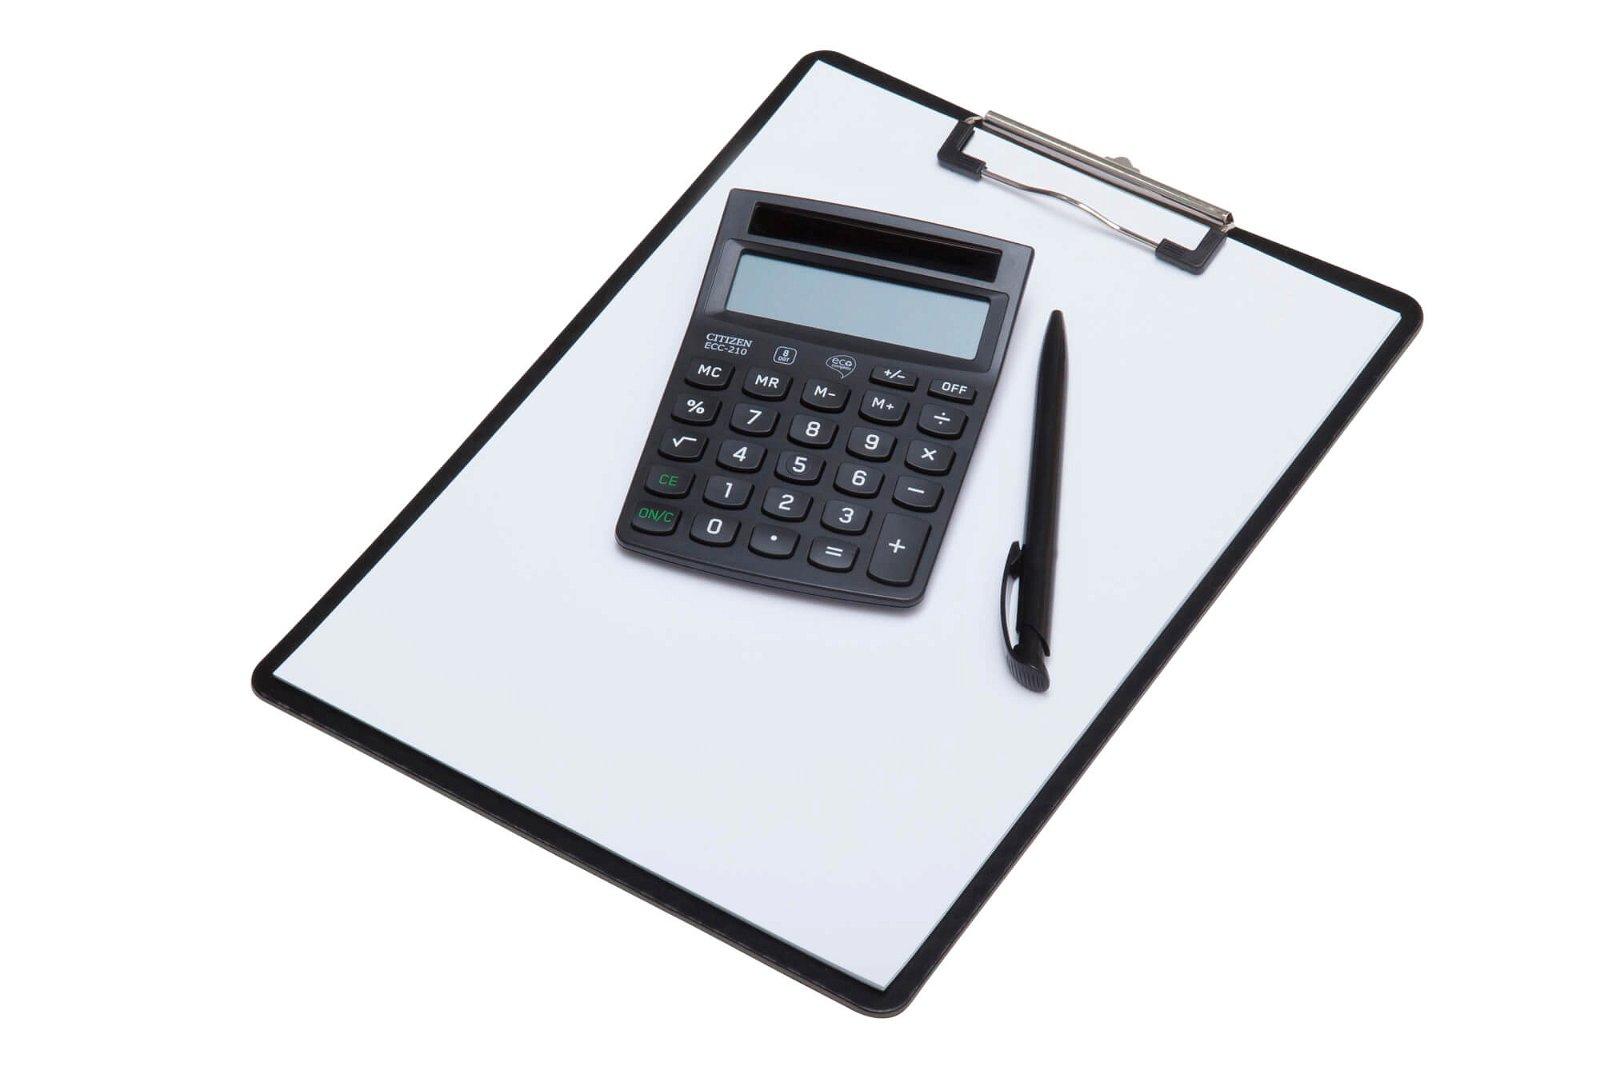 Tischrechner ECC 210 Eco, schwarz